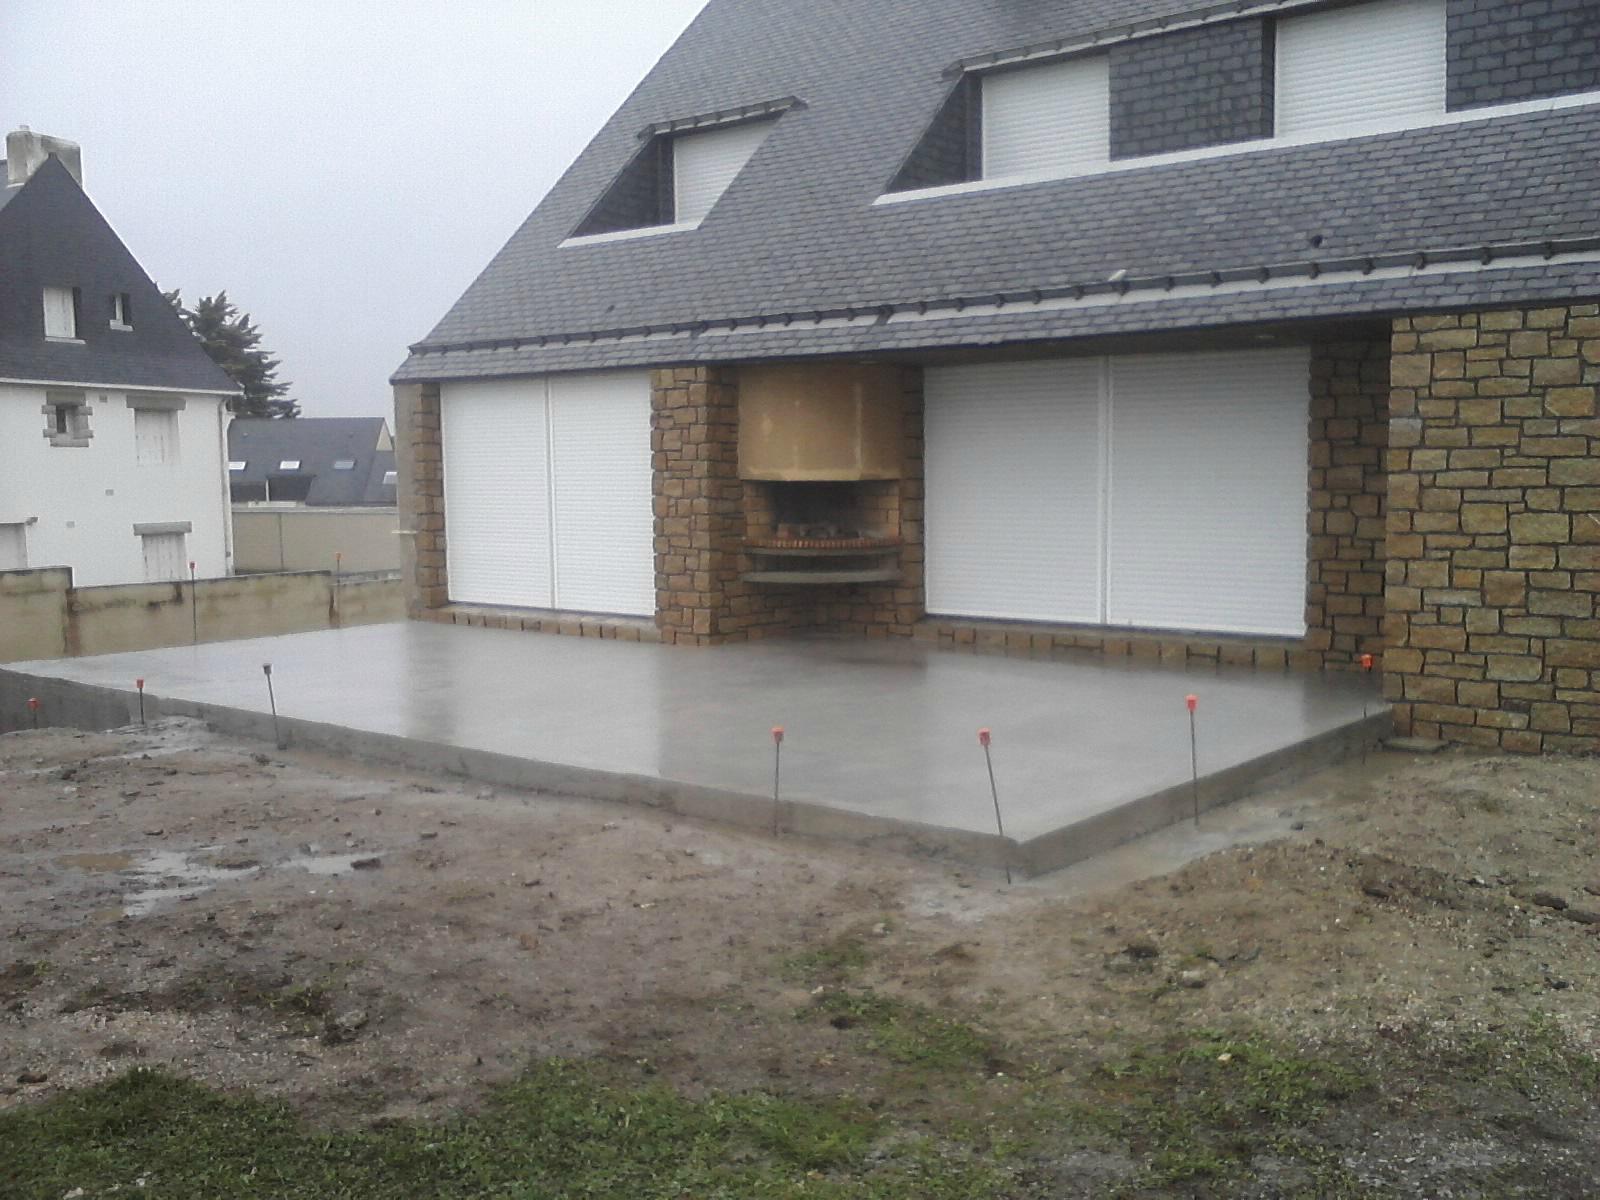 terrasse beton avec muret